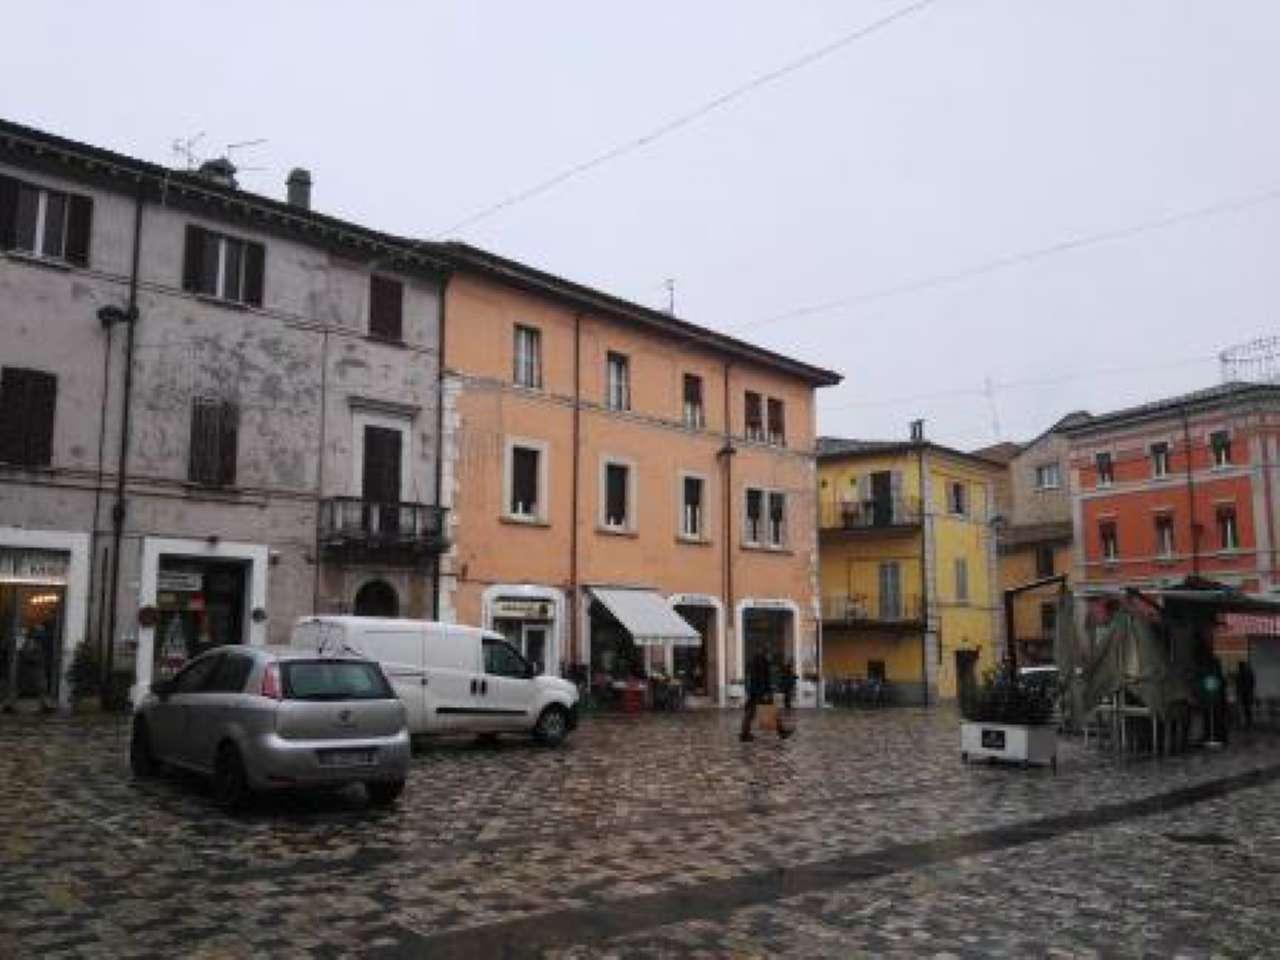 Negozio / Locale in vendita a Cesena, 2 locali, prezzo € 280.000 | Cambio Casa.it